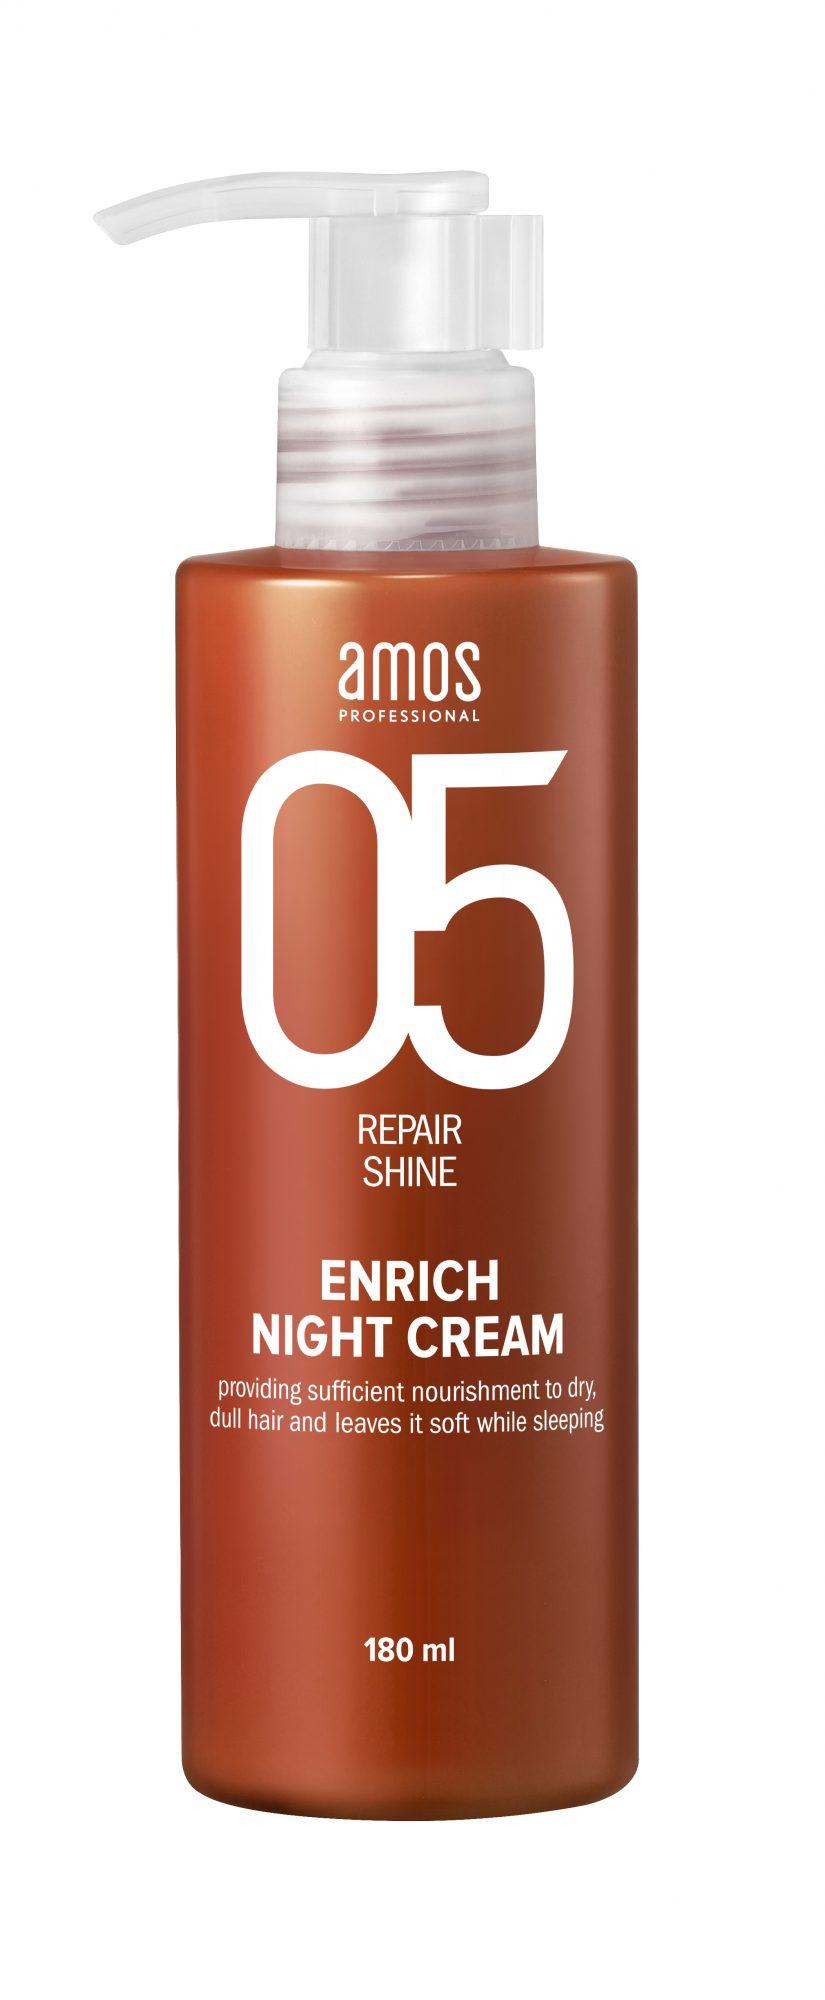 amos-professional-enrich-night-cream-1.jpg